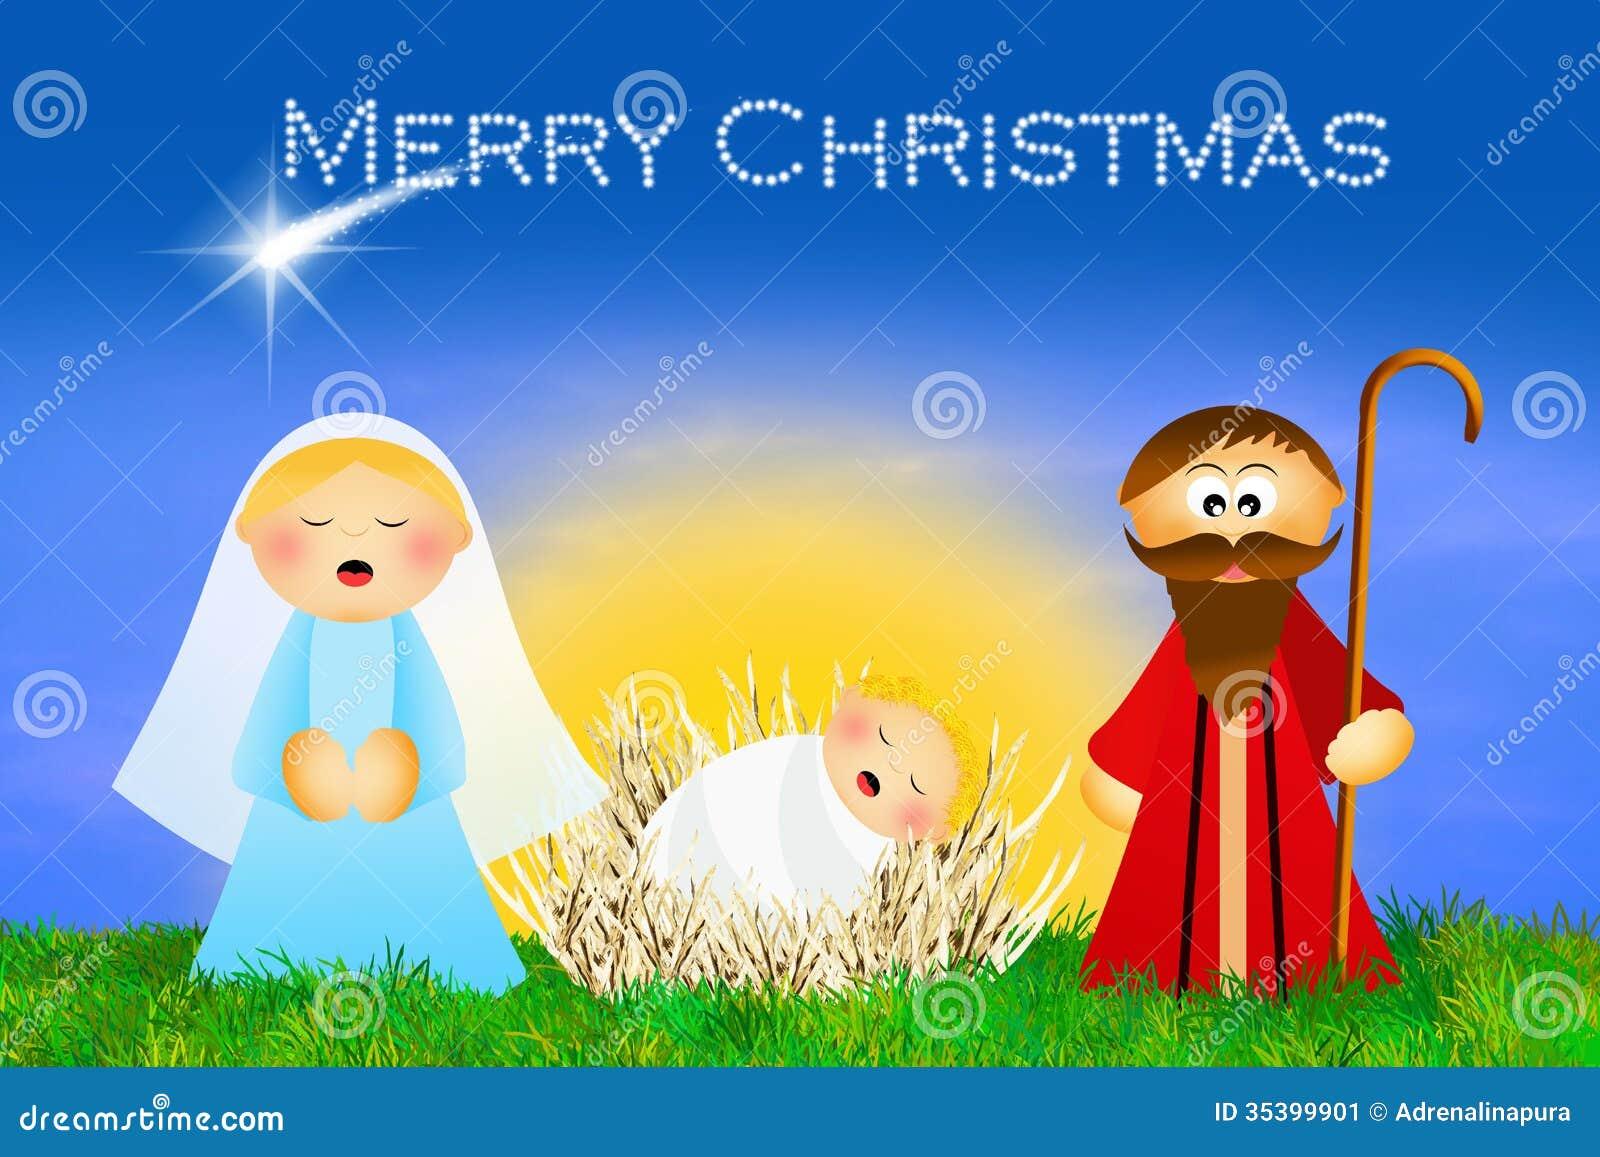 Christmas Clipart Christian